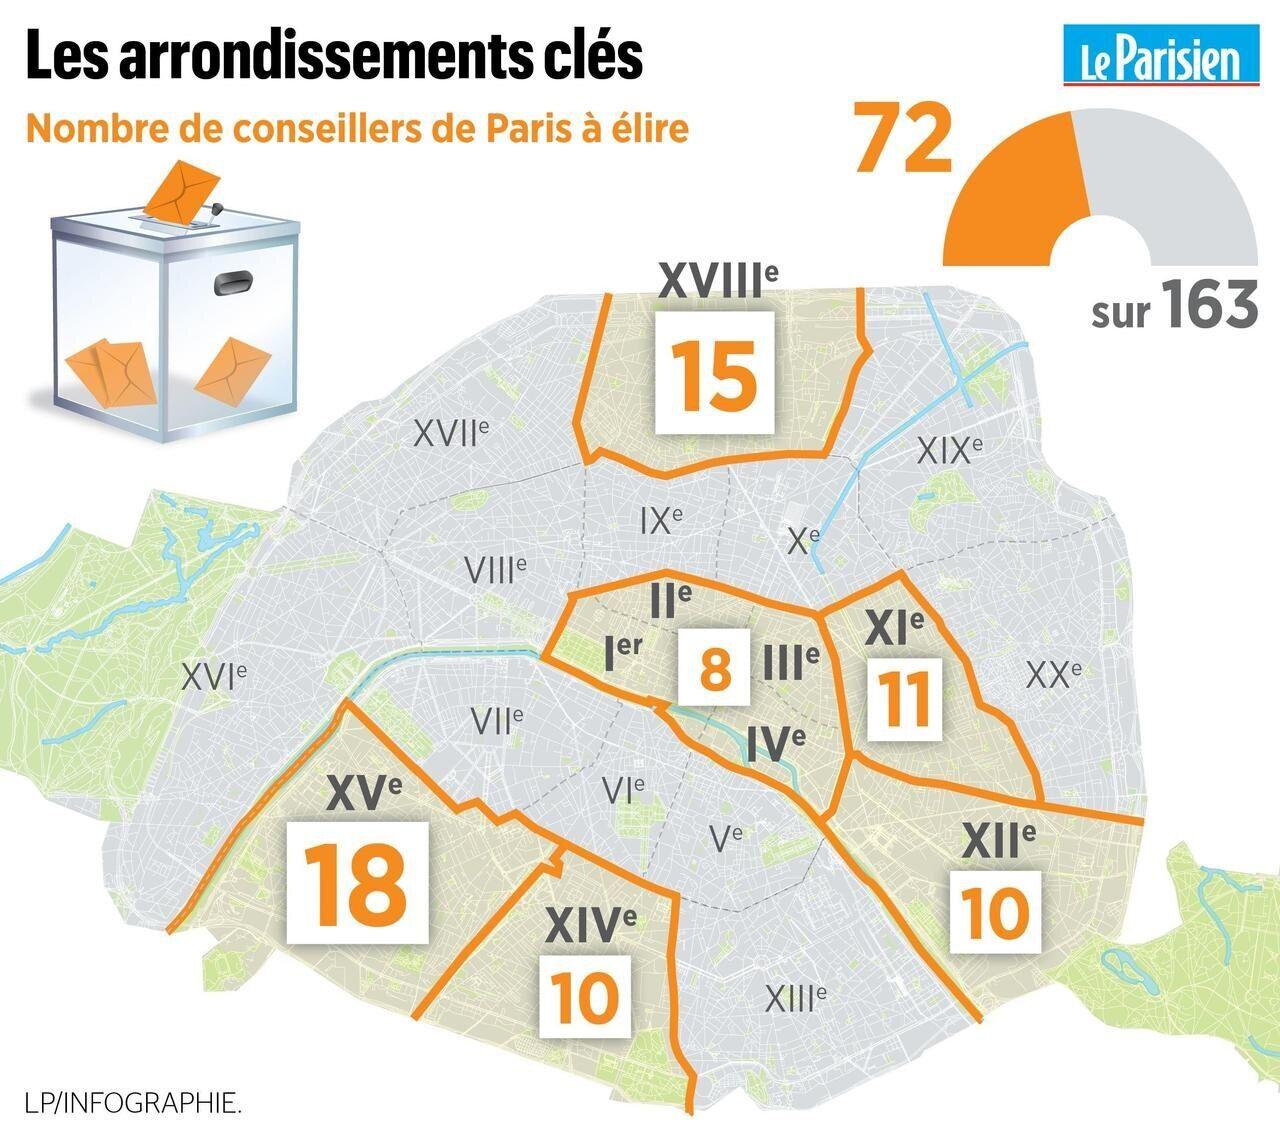 Municipales A Paris Quels Seront Les Arrondissements Cles Pour L